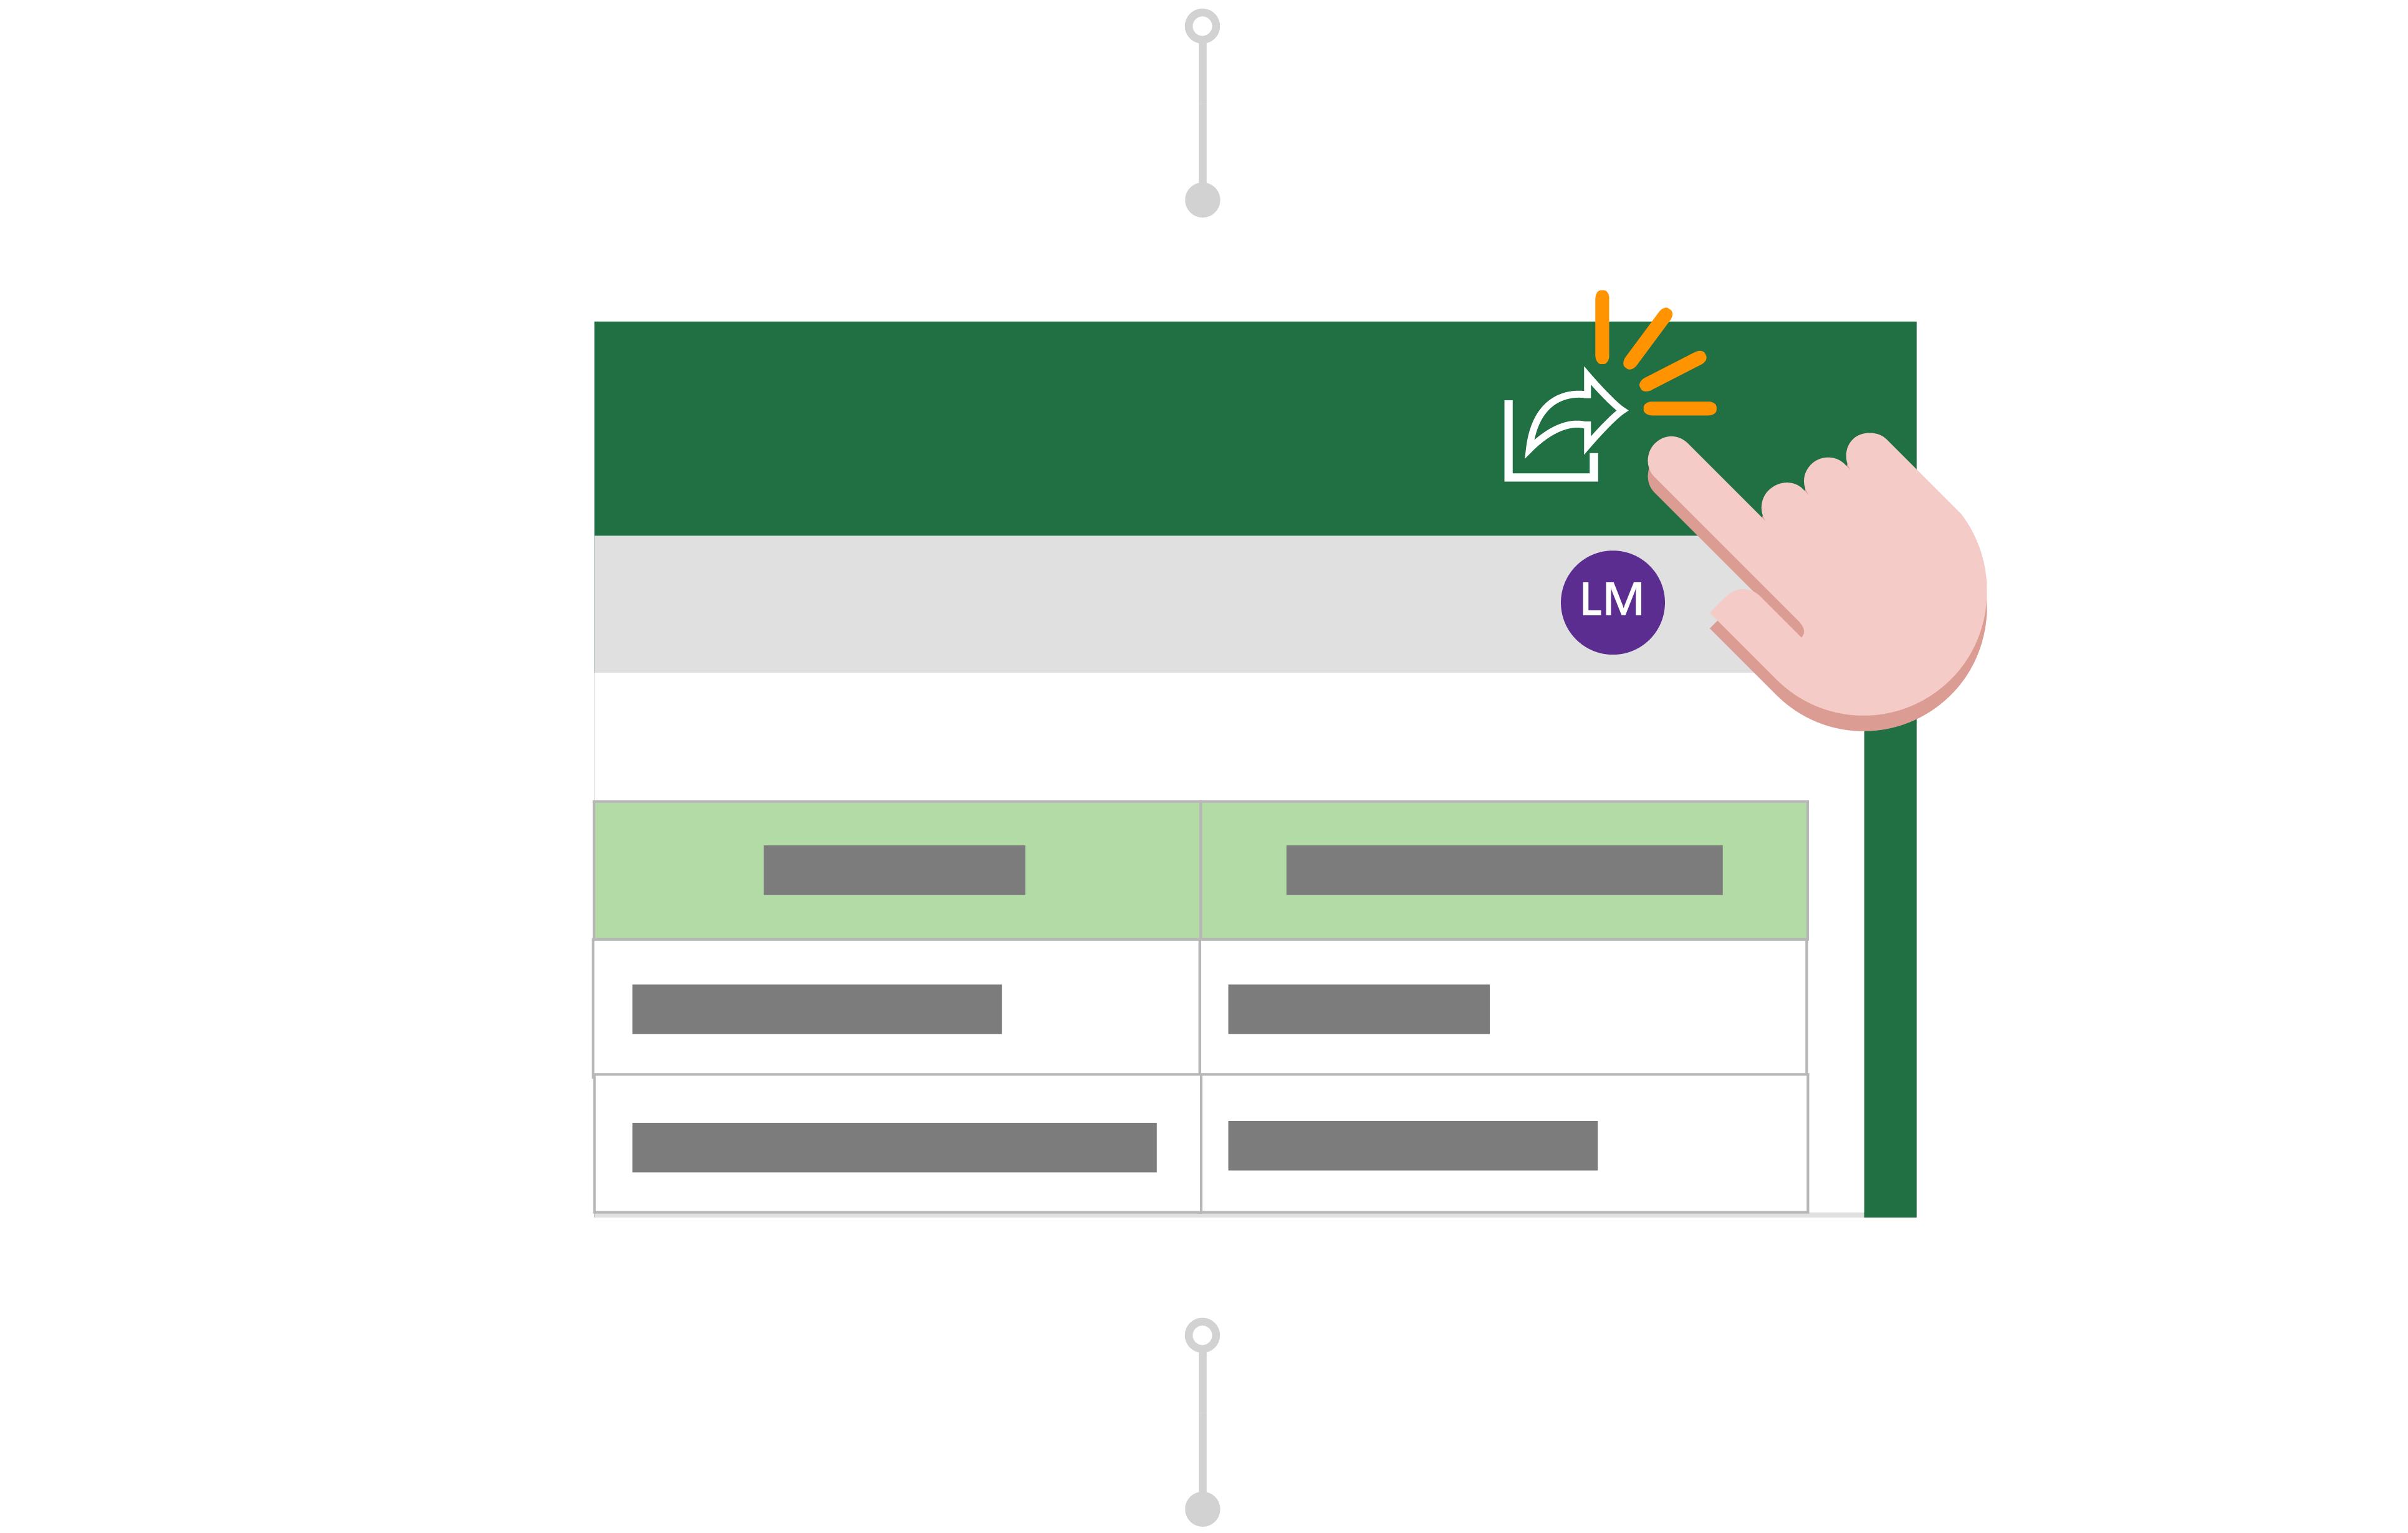 Linda натисне кнопку Спільний доступ, щоб запросити інших користувачів до співпраці.